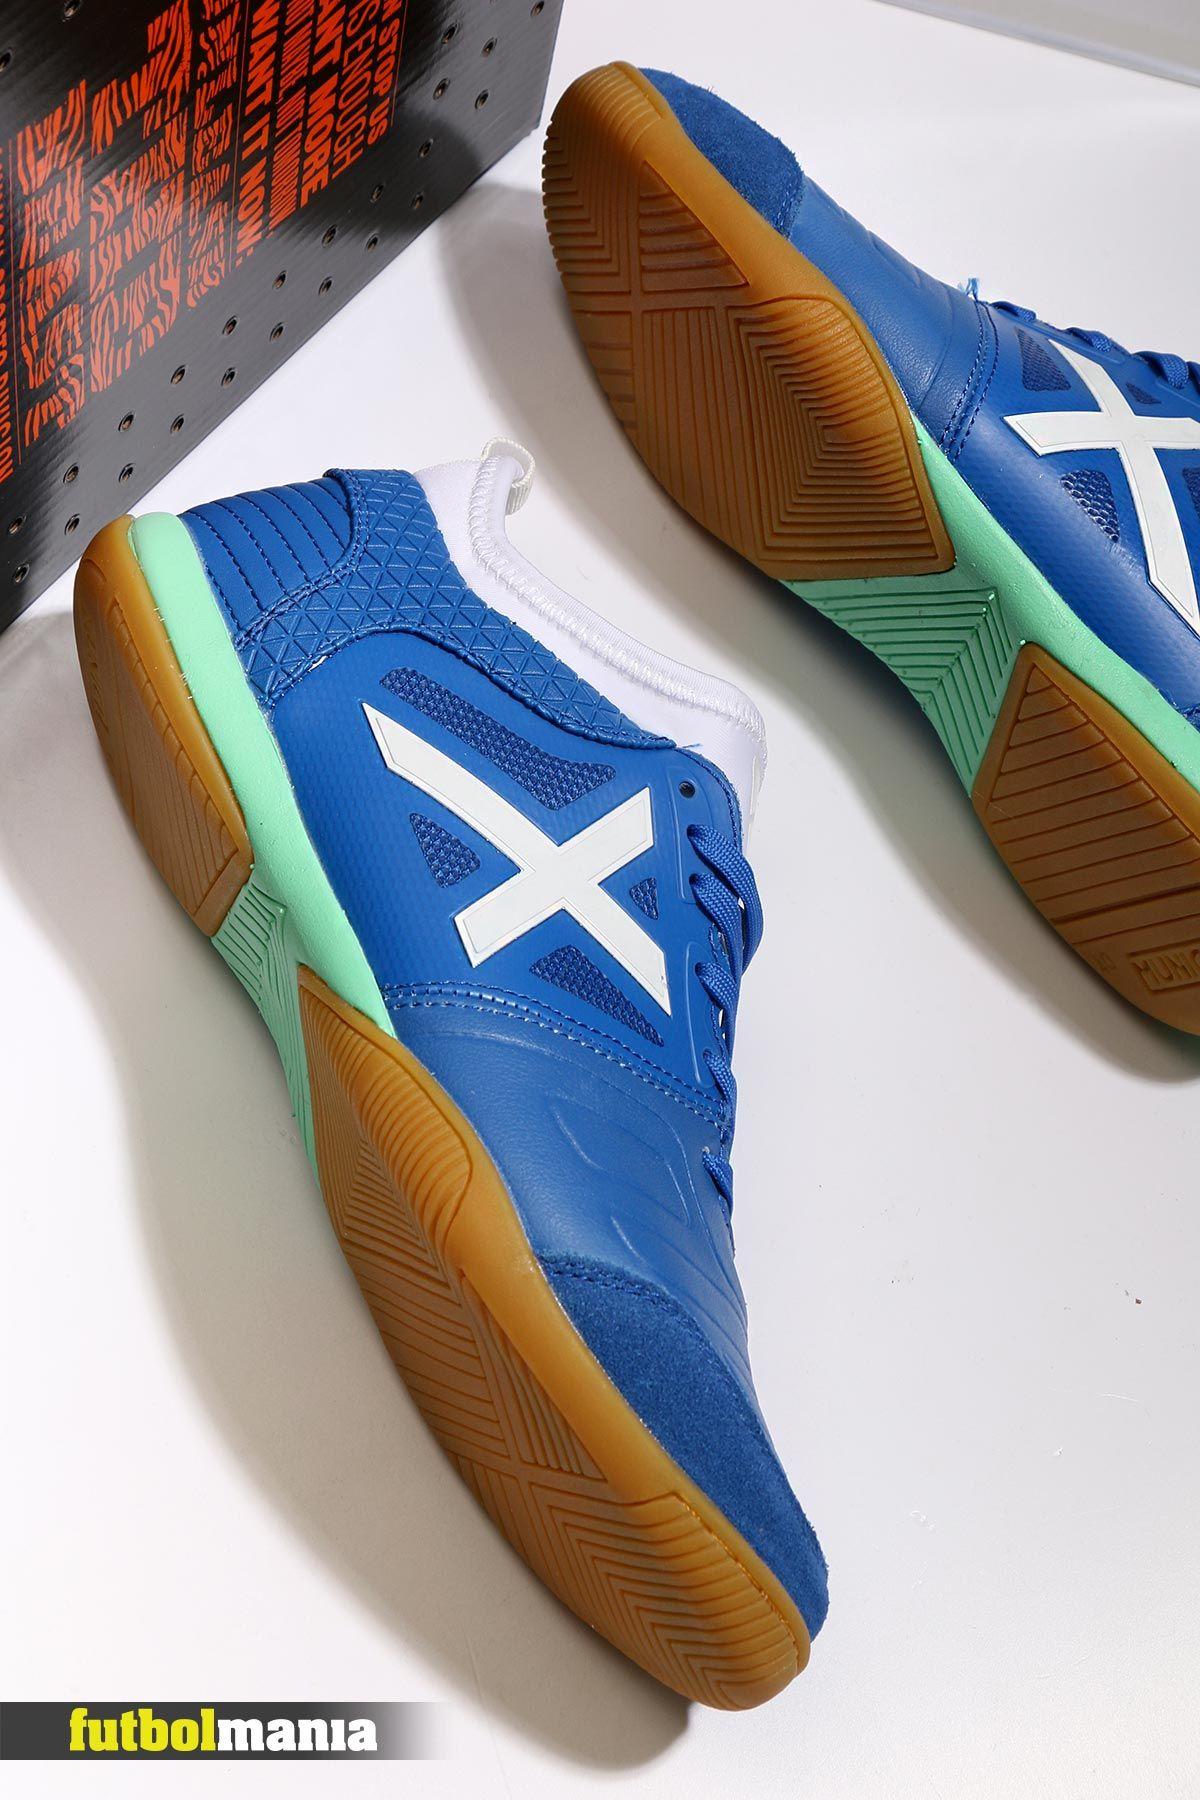 Munich Tiga Indoor Leather Zapatillas De Futbol Sala Modelos De Zapatillas Botas De Futbol Nike